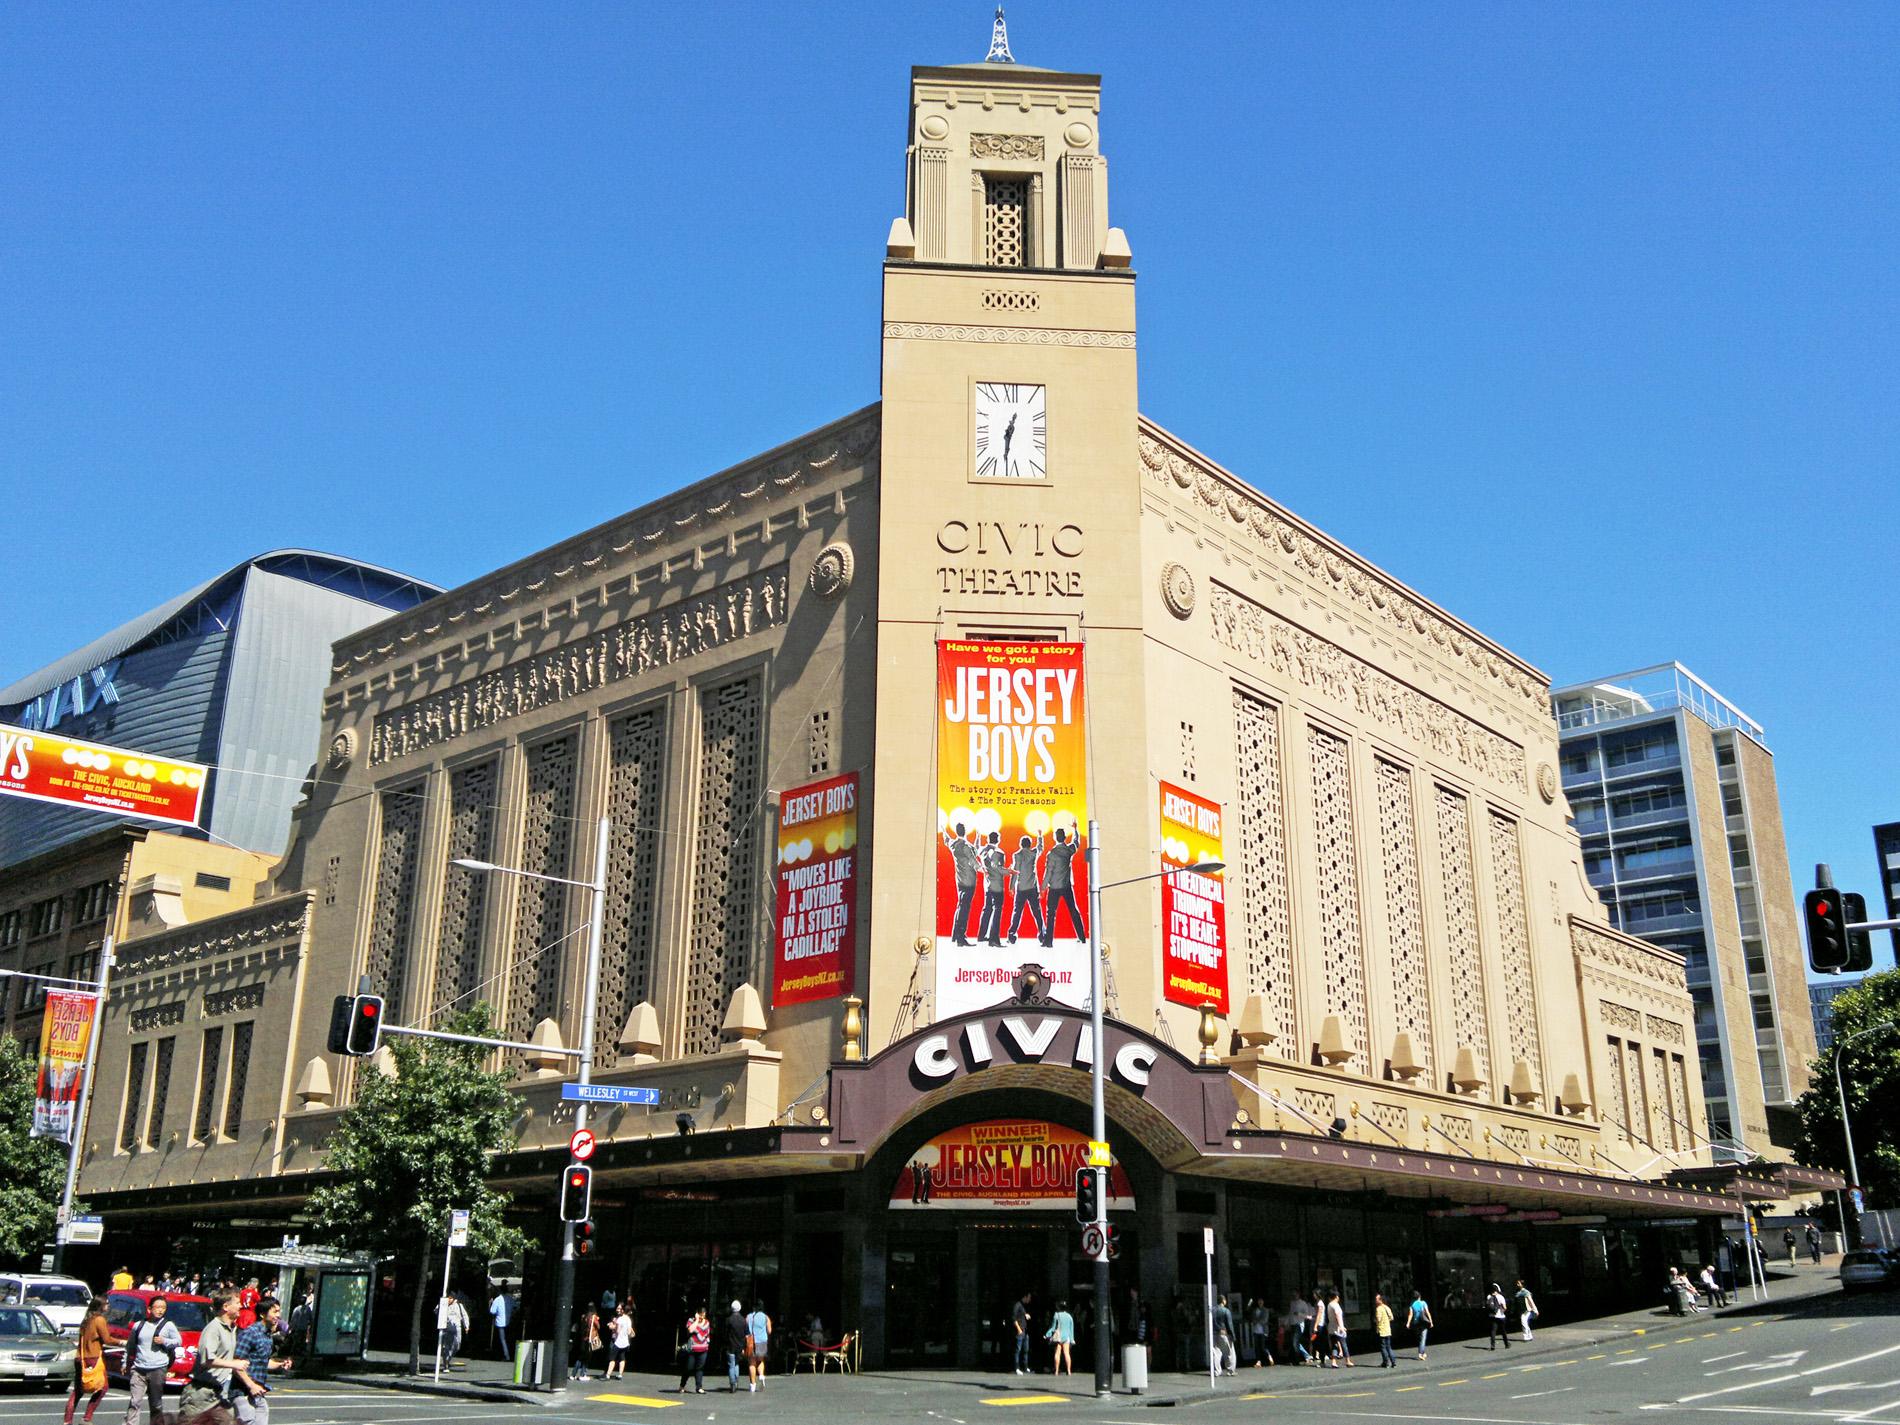 Civic_Theatre_Auckland.jpg